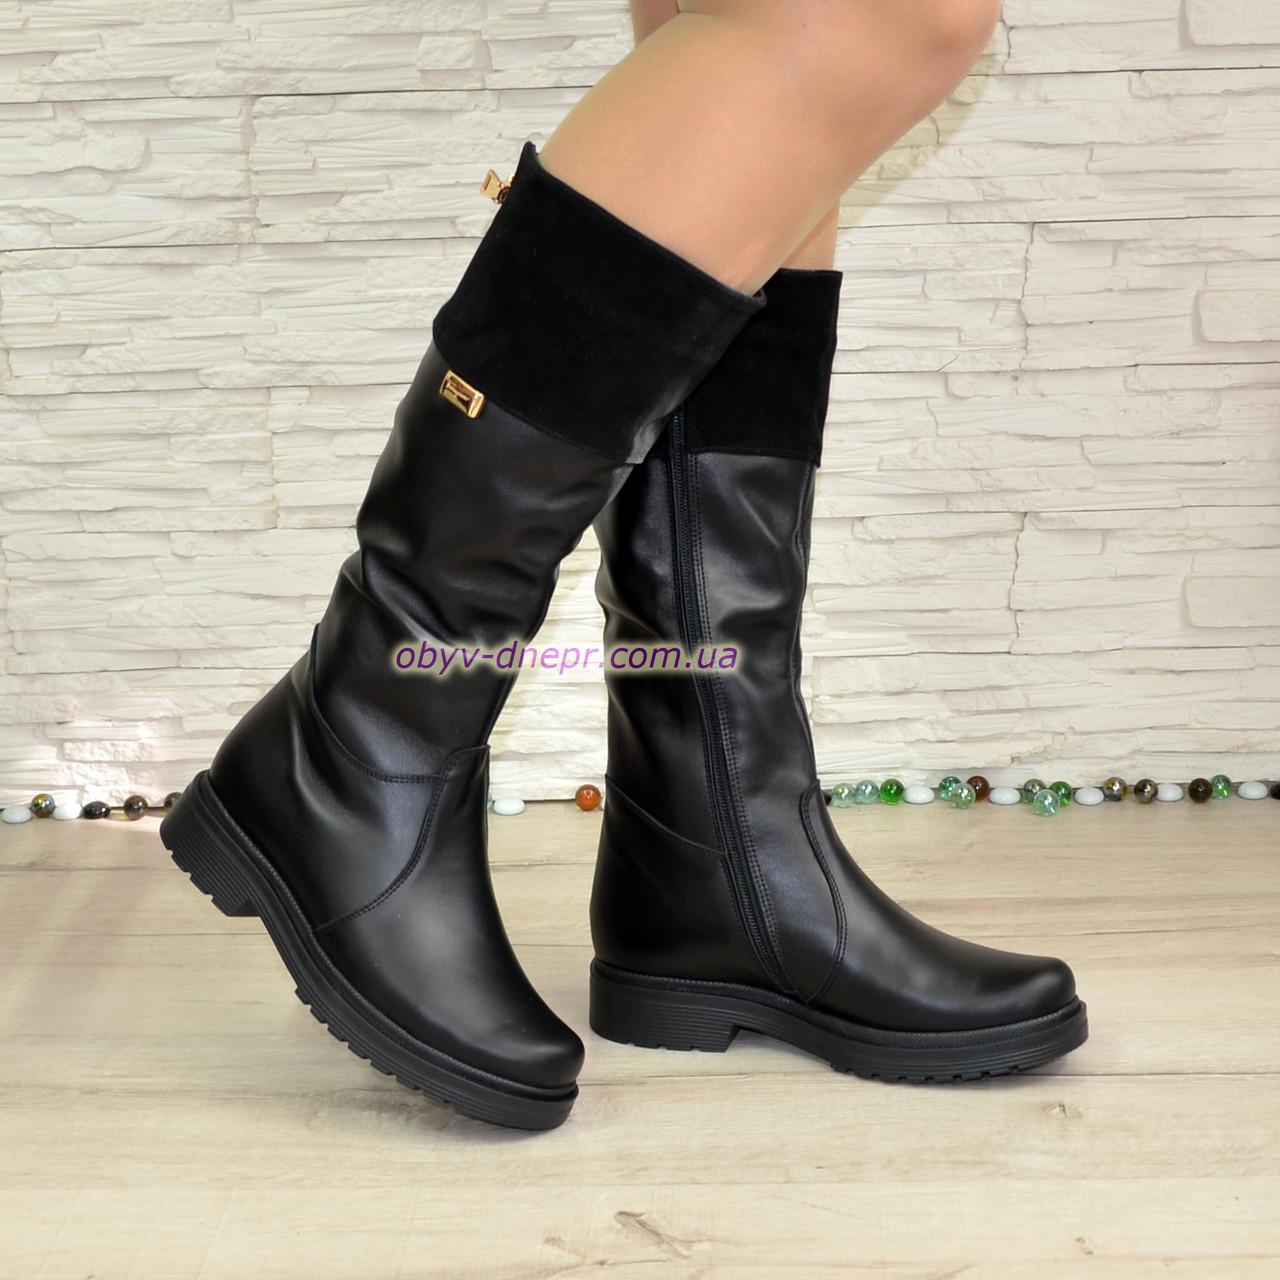 Сапоги комбинированные демисезонные на маленьком каблуке, натуральная кожа и замша.